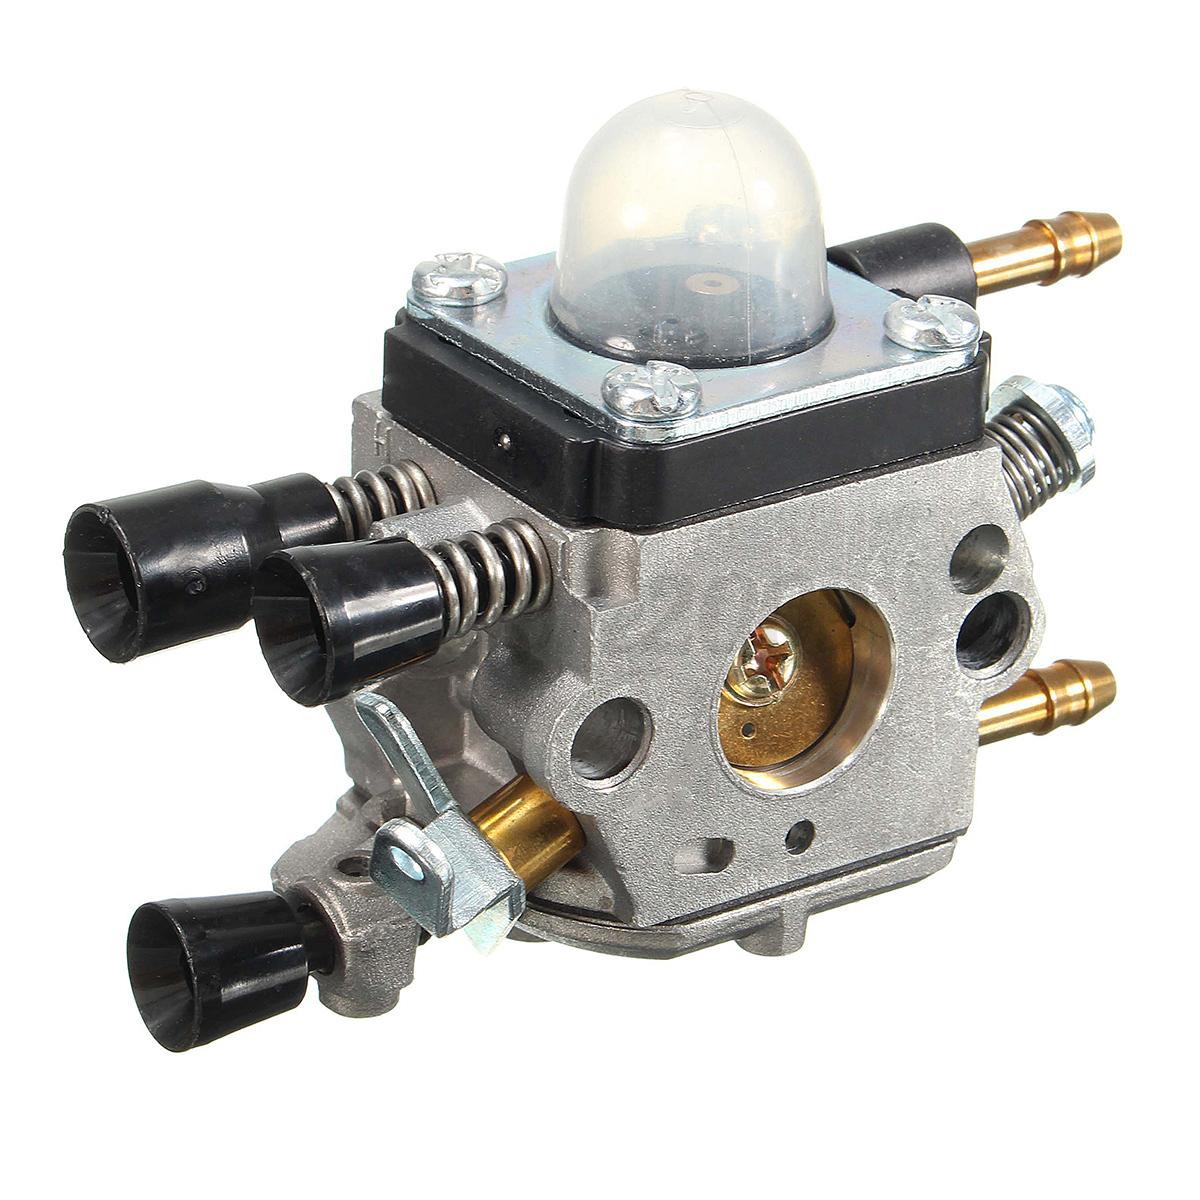 Carburetor Carb For Stihl Bg45 Bg55 Bg65 Bg85 Sh55 Blower